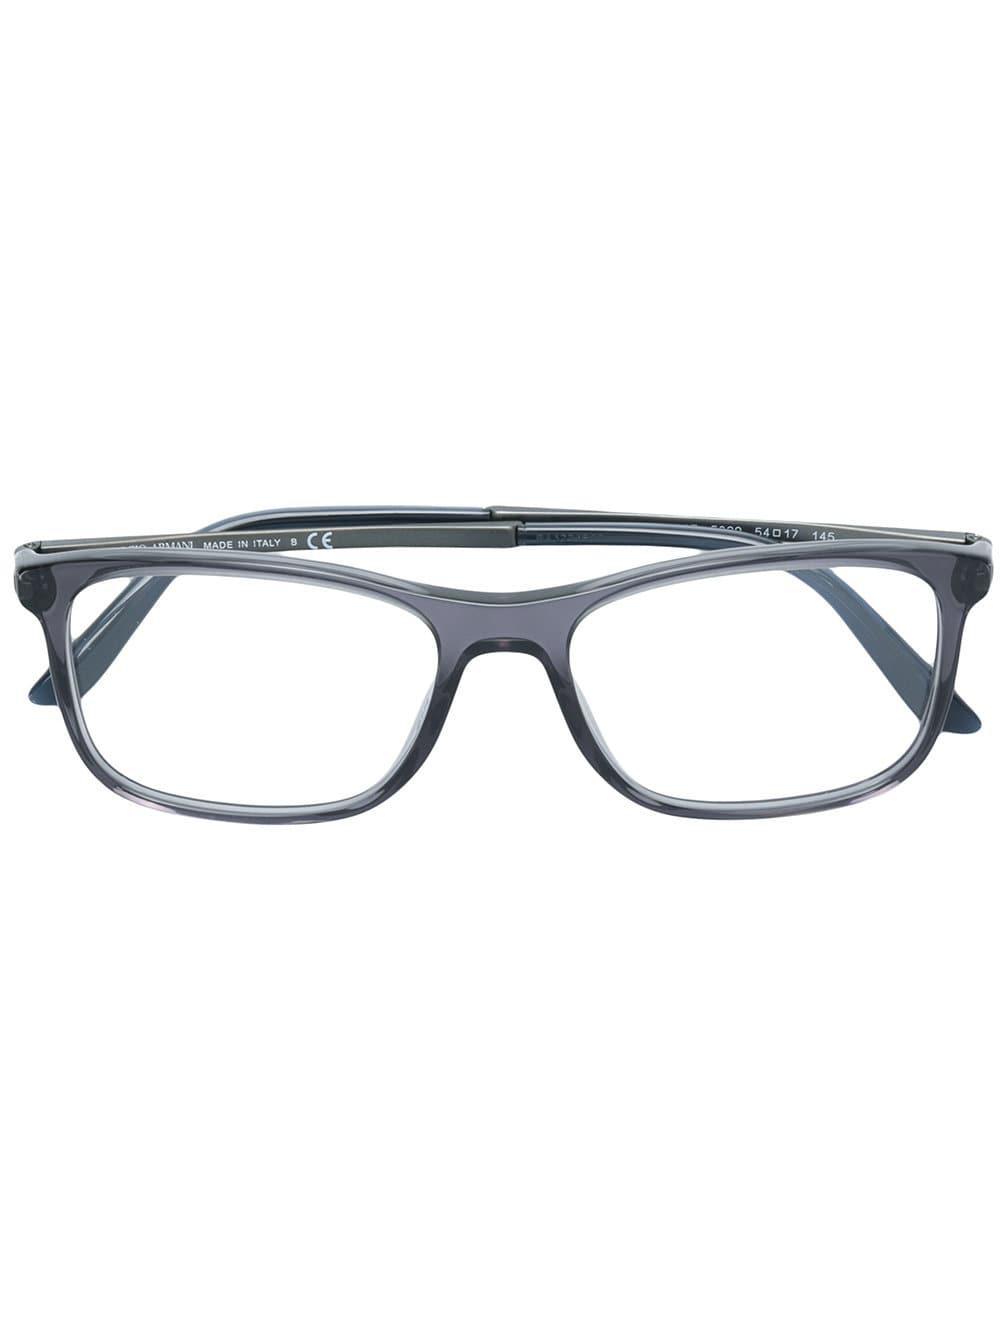 fd07832735b0 Giorgio Armani Square Shaped Glasses in Gray for Men - Lyst